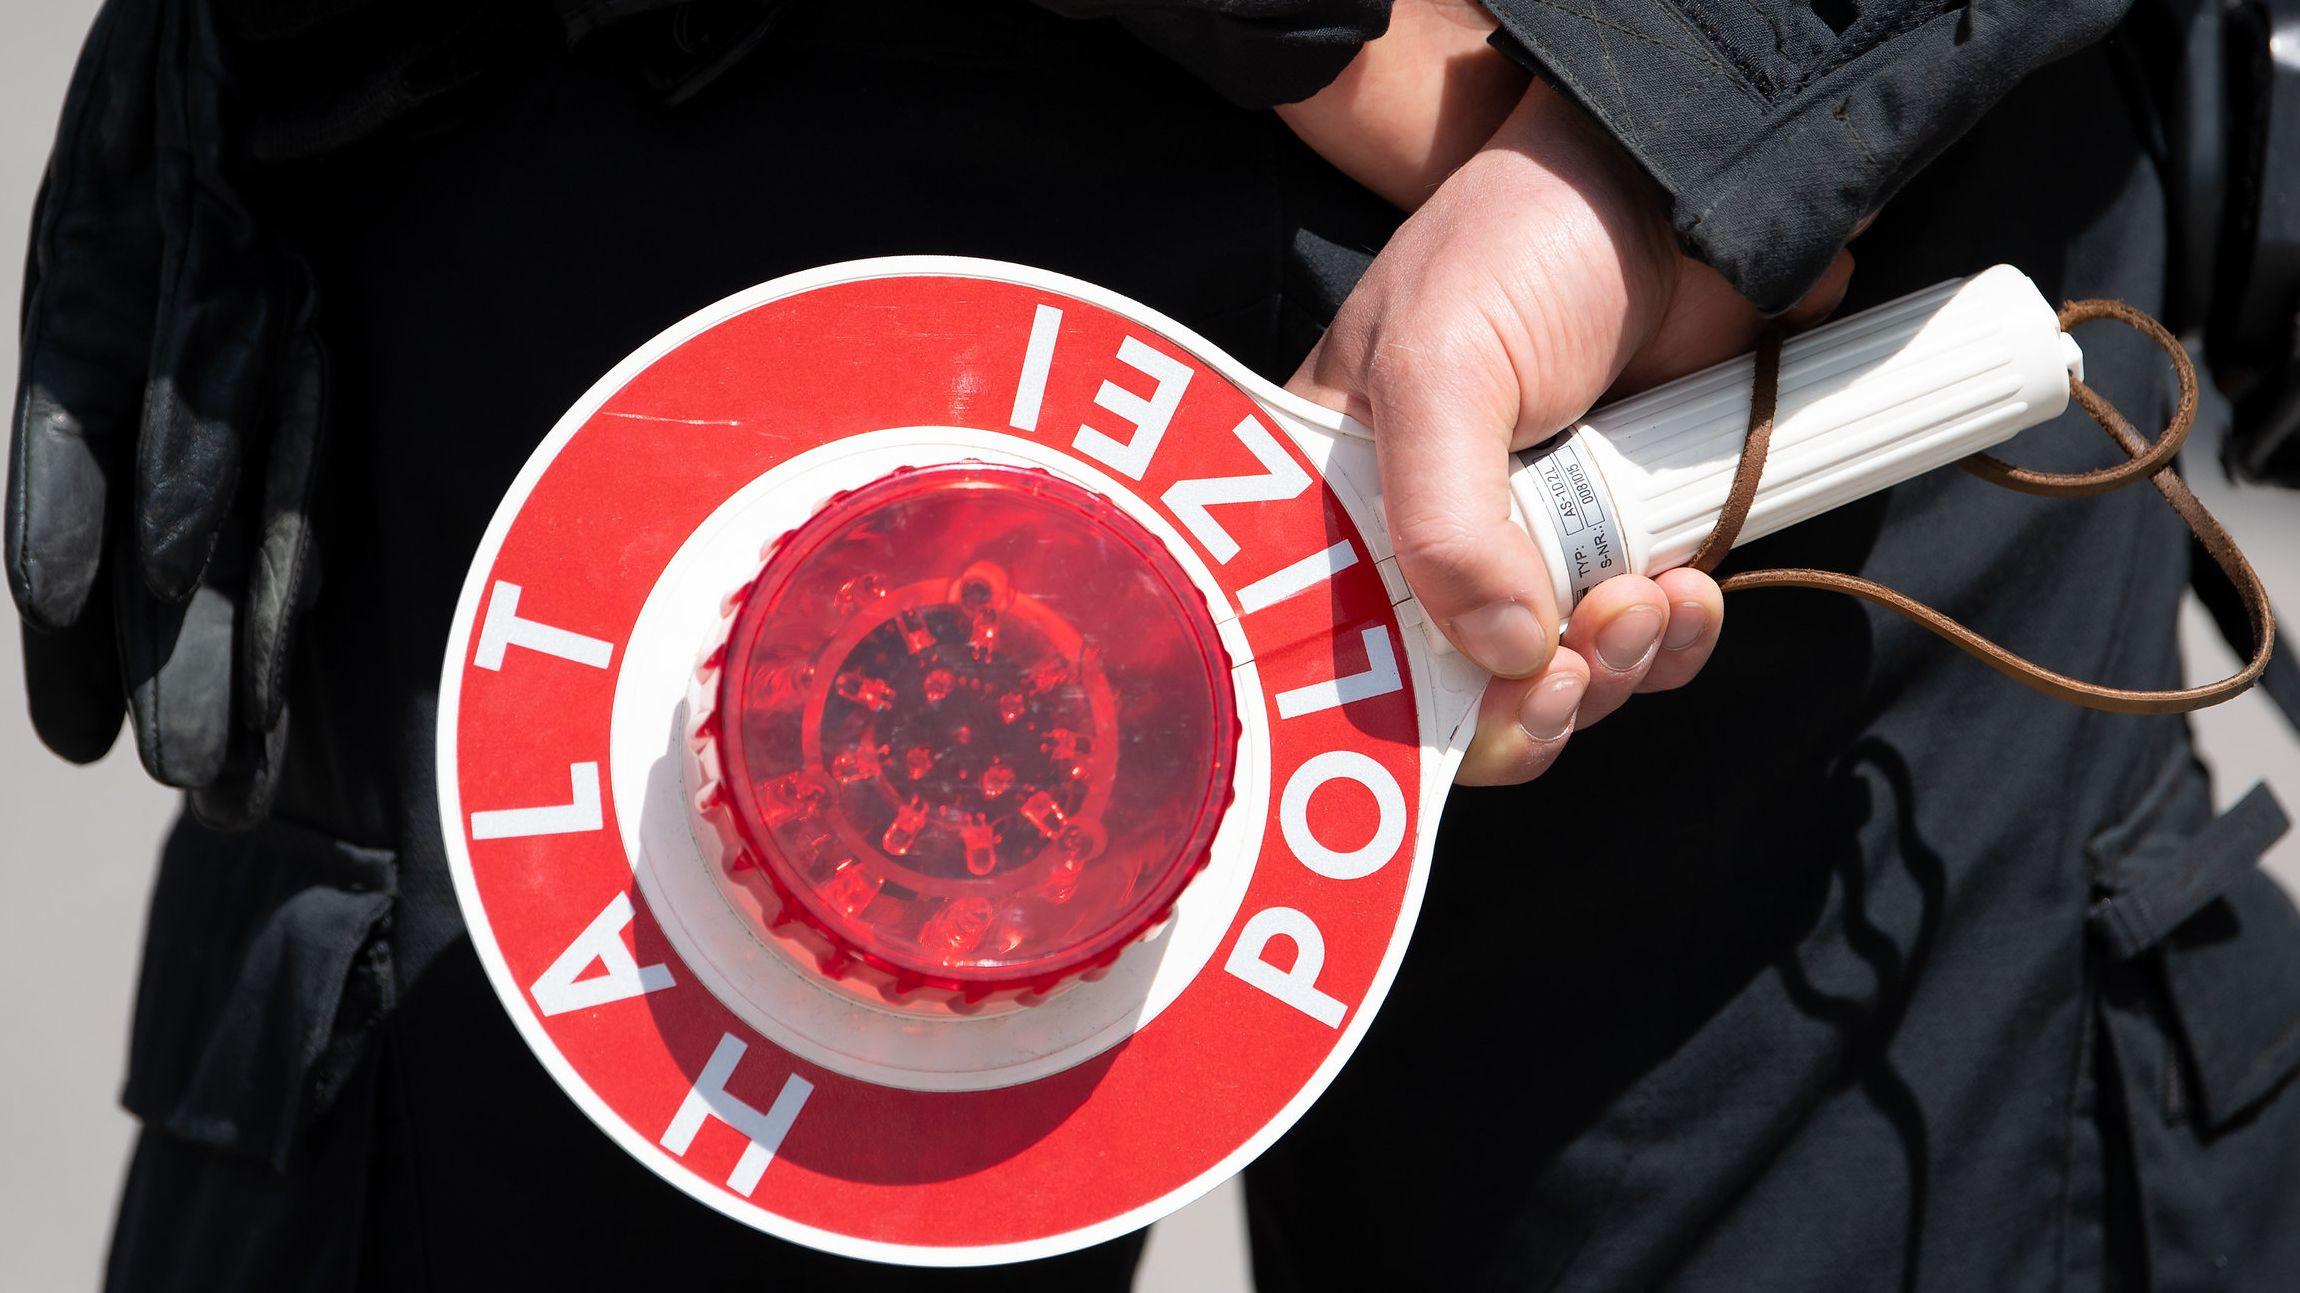 """Polizist hält Kelle mit """"Halt Polizei"""" hinter dem Rücken"""